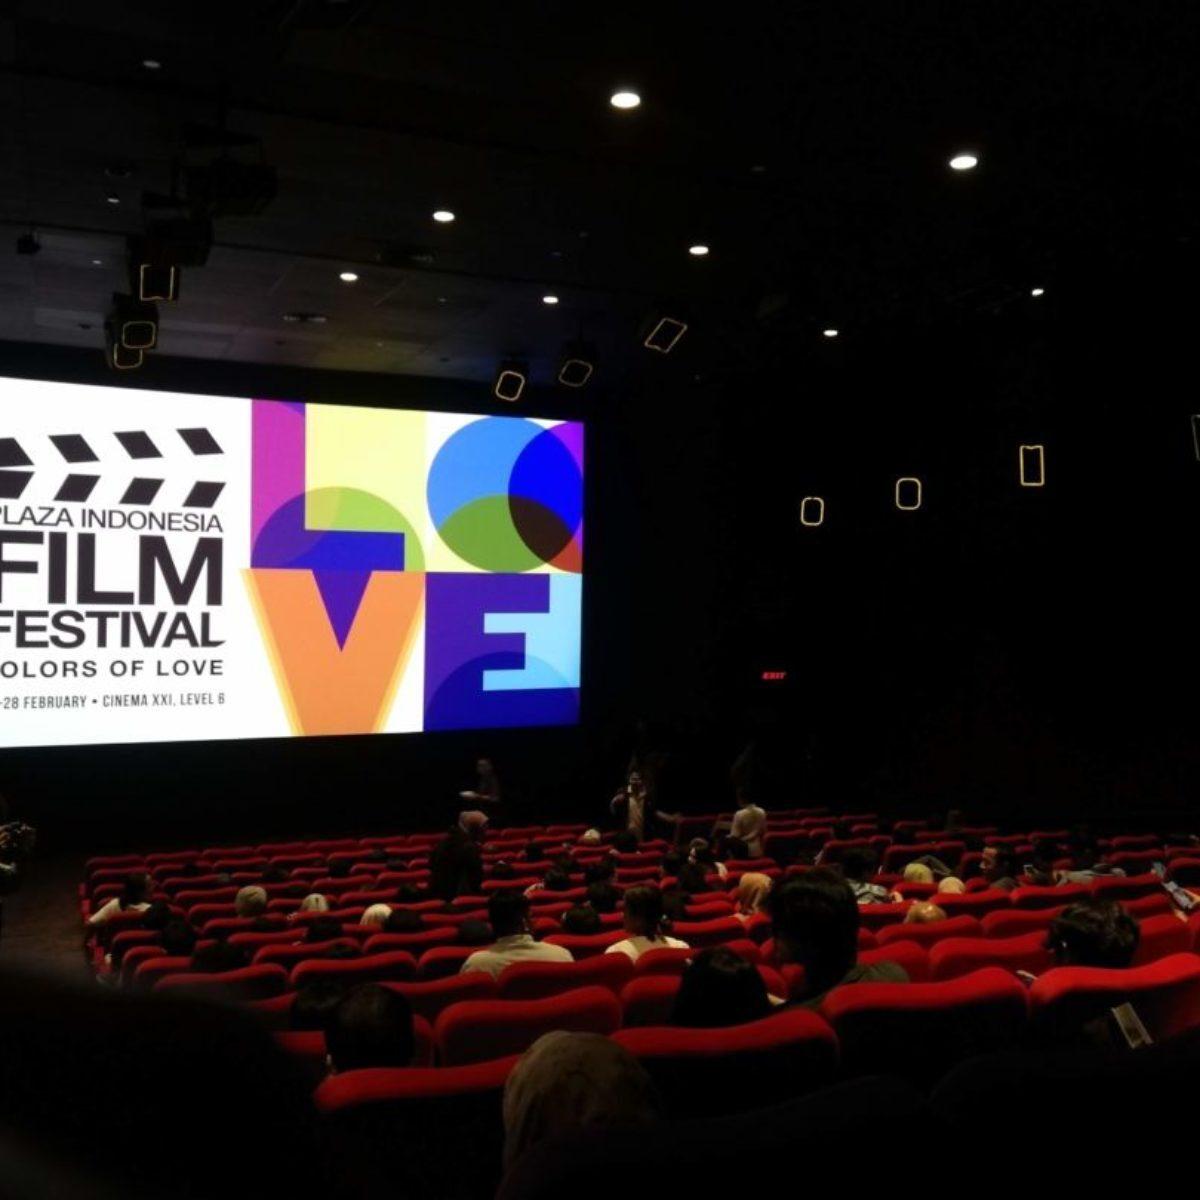 Parlando di Fellini a Giacarta in Indonesia